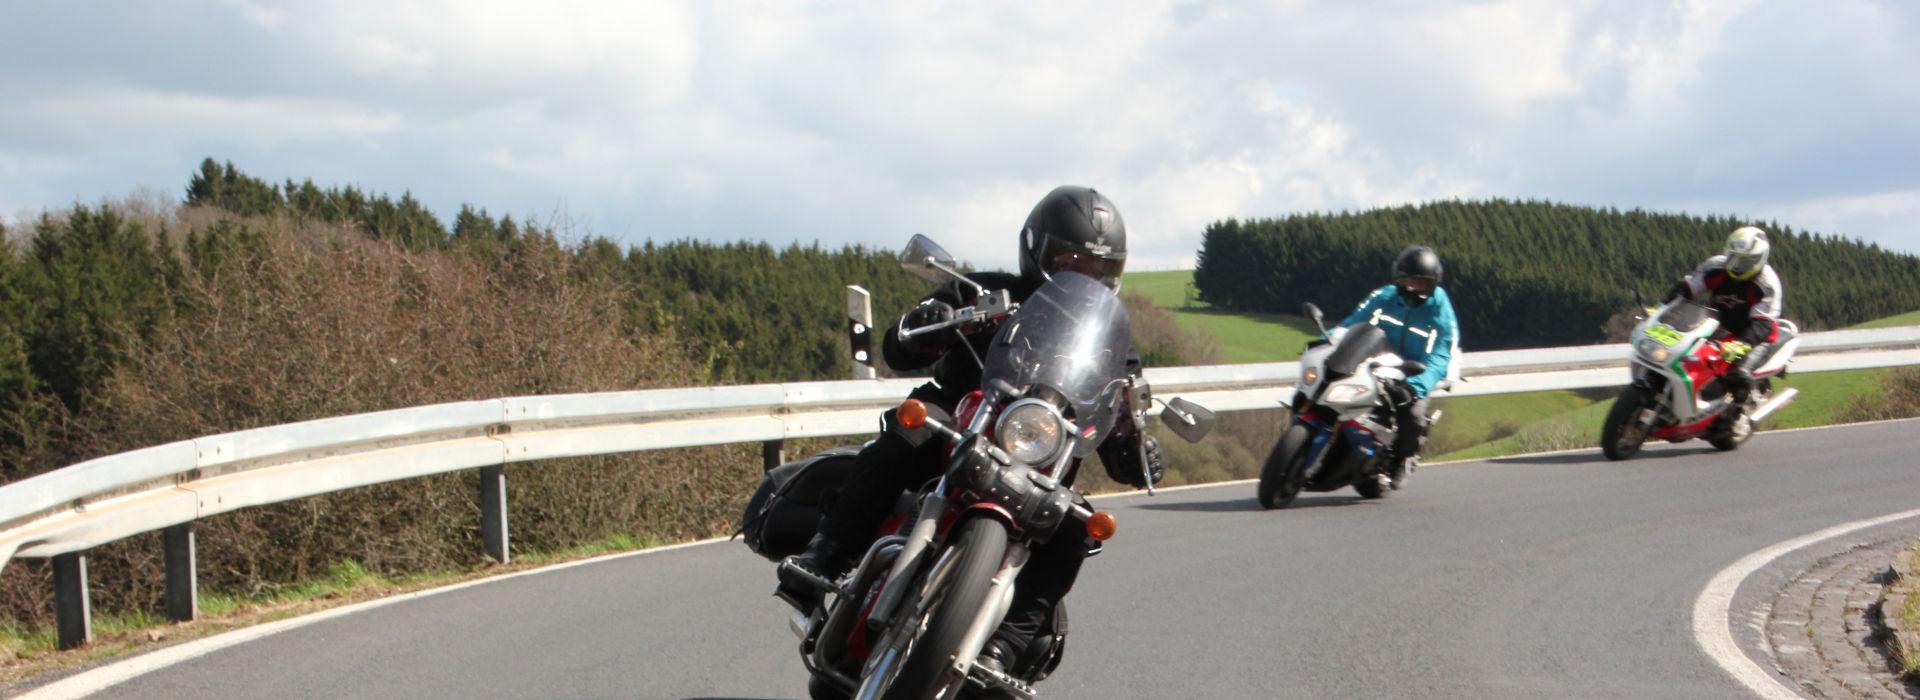 Motorrijbewijspoint Opmeer snel motorrijbewijs halen